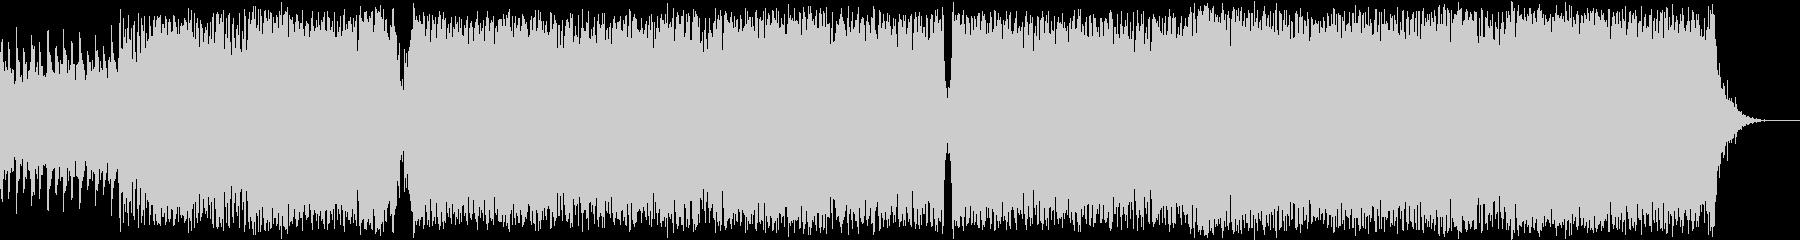 疾走系オーケストラ曲の未再生の波形